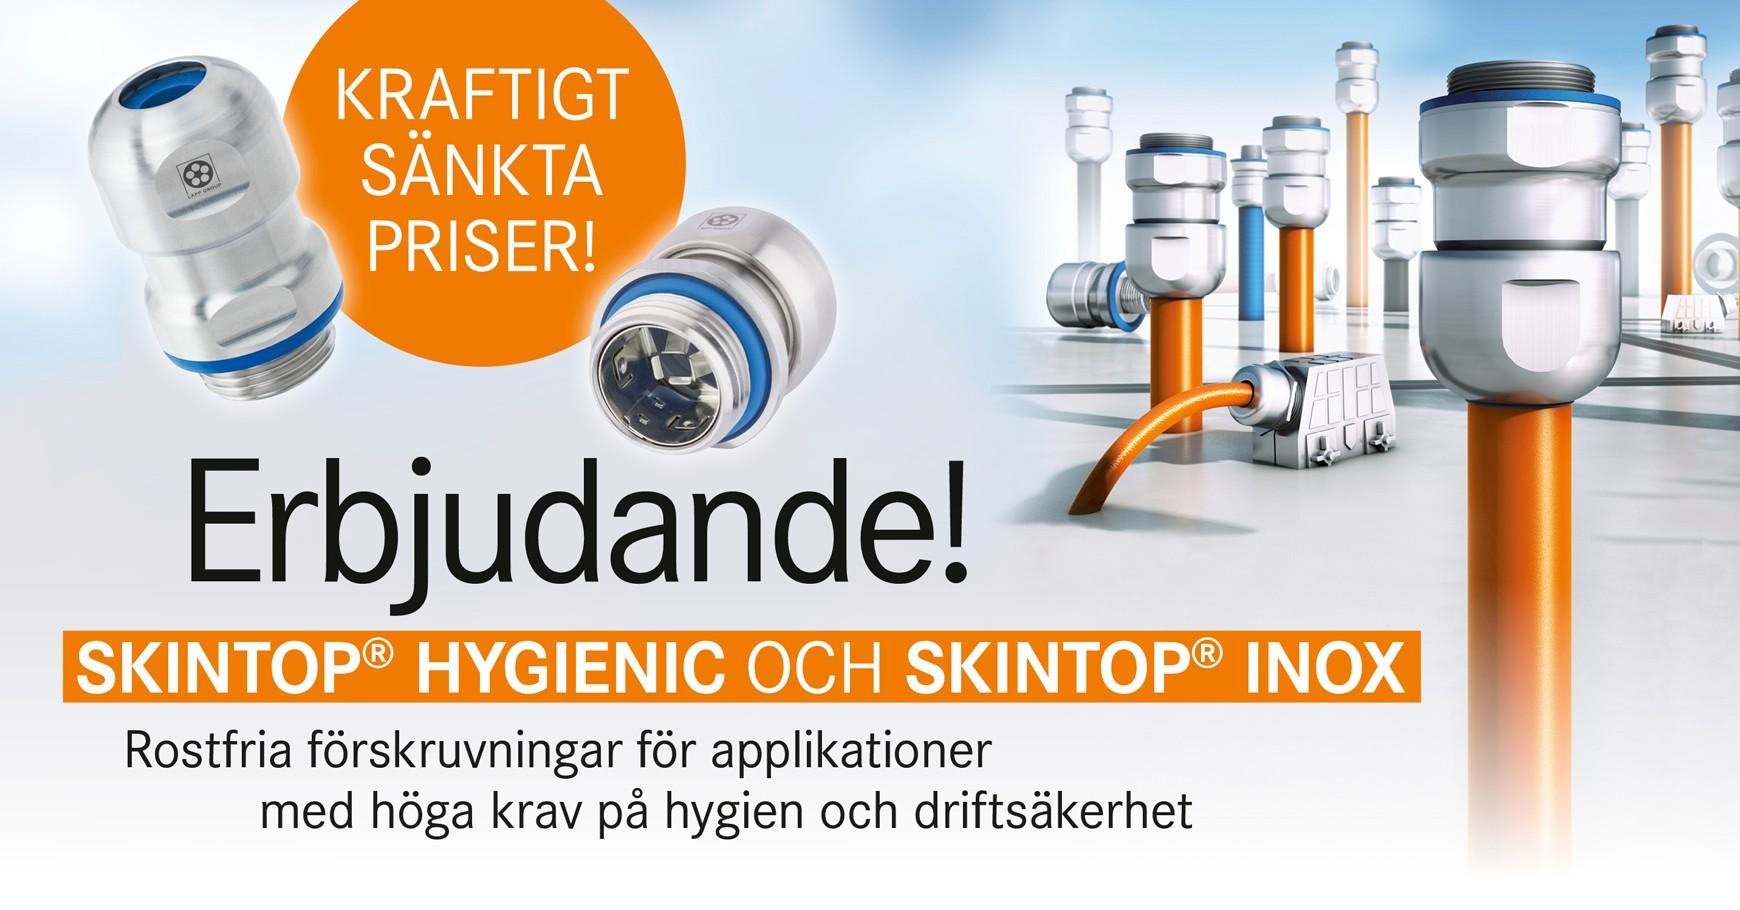 Intervju med Johan Eriksson om satsningen på produkter för livsmedelsindustrin